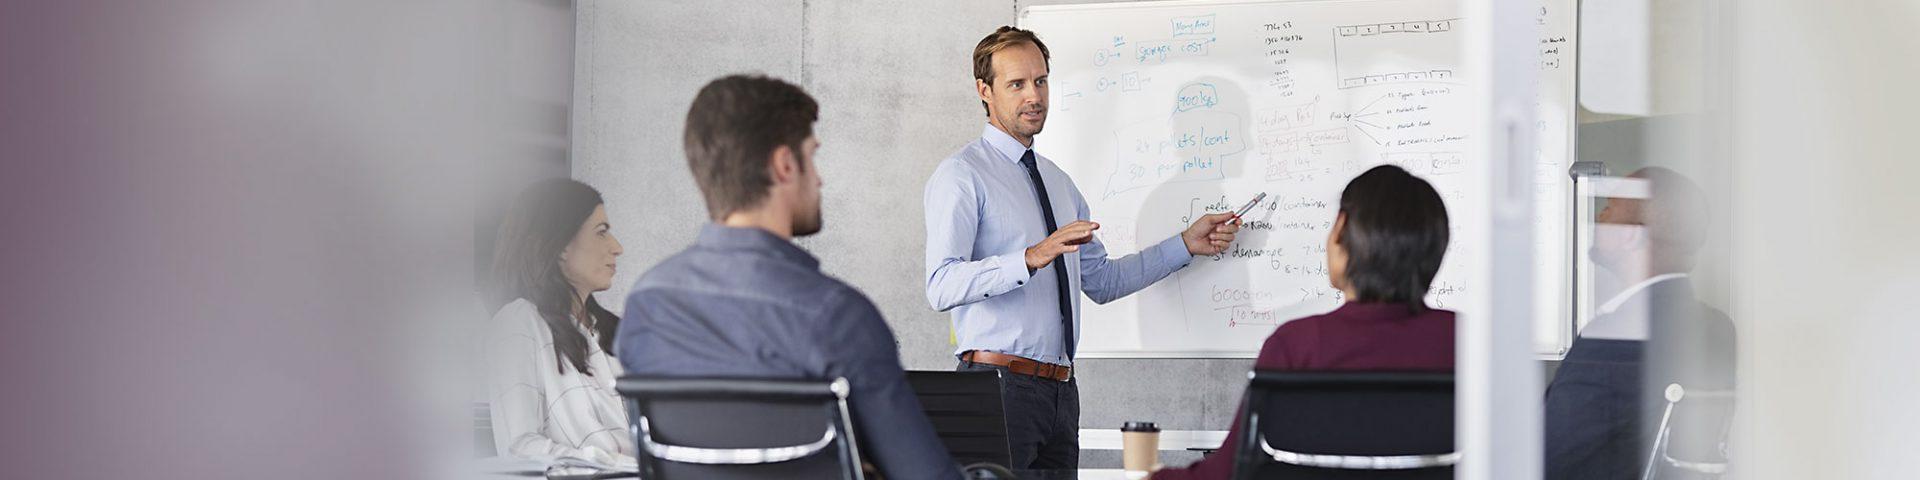 Organisationsberatung für <br>eine zukunftsfähige Unternehmensaufstellung